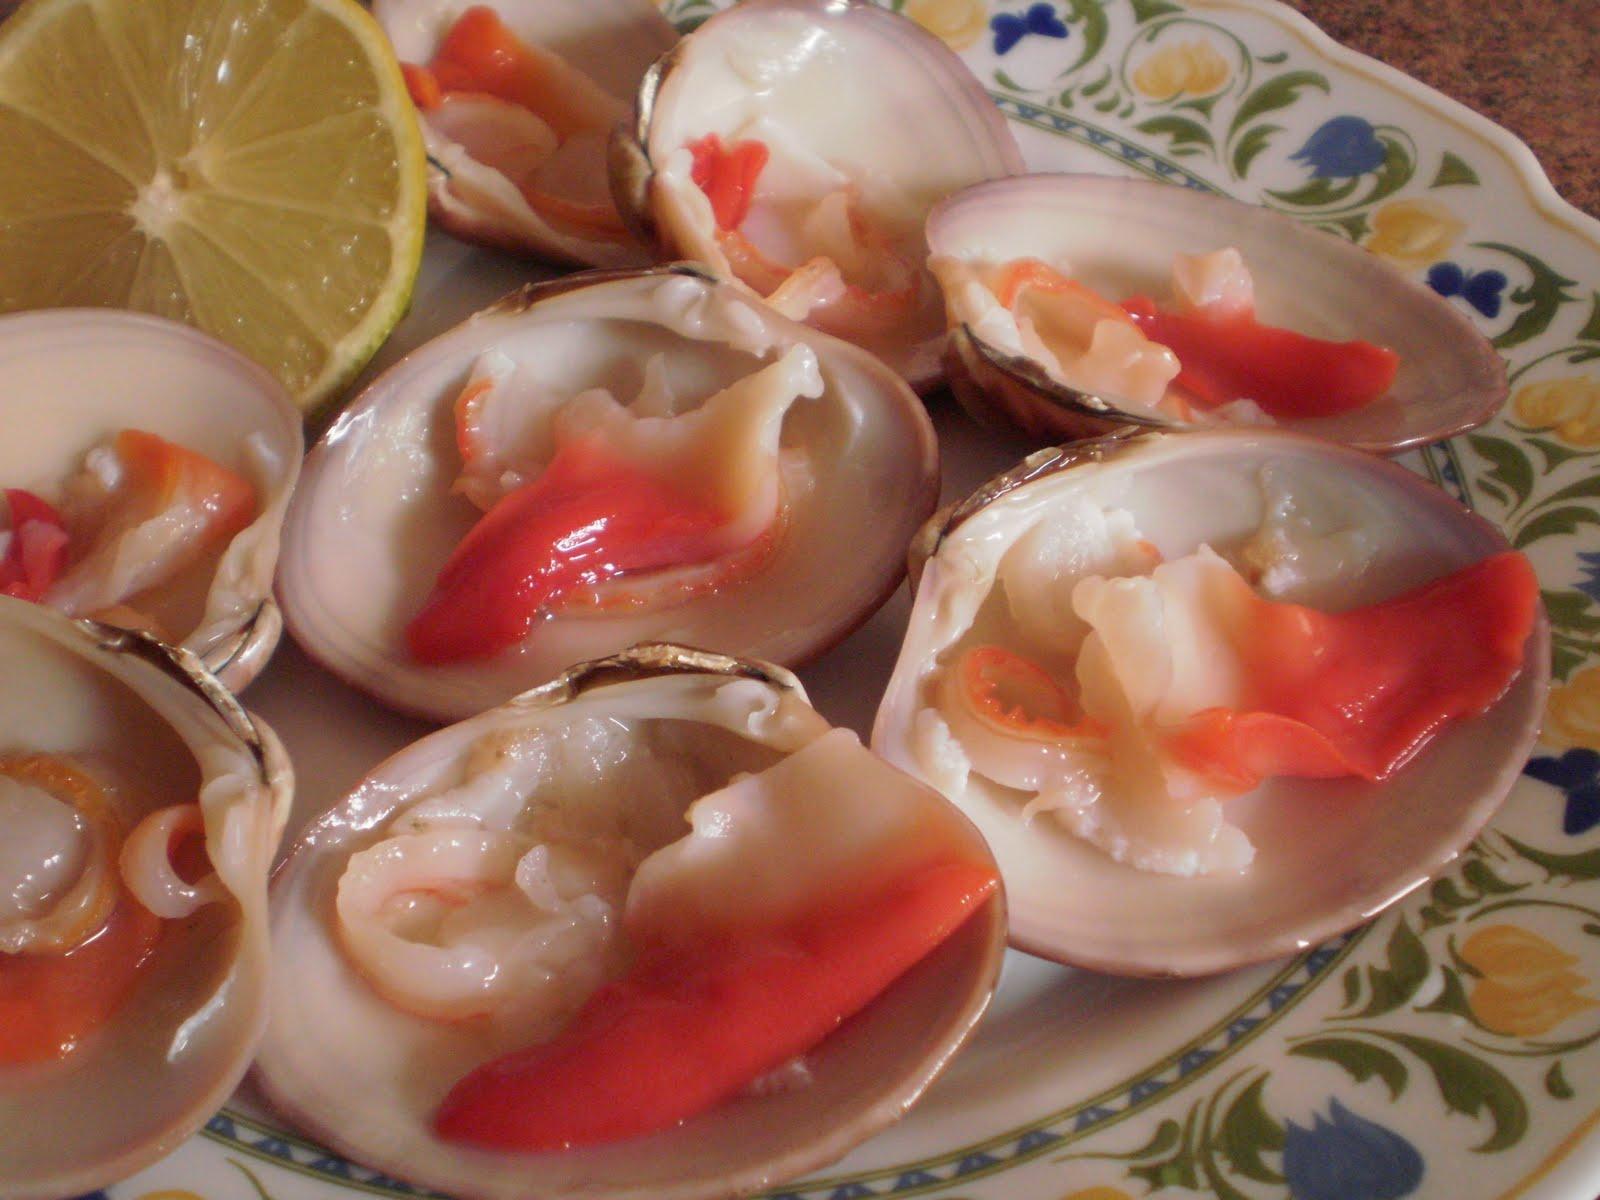 Conchas finas crudas mi cocina for Como cocinar conchas finas